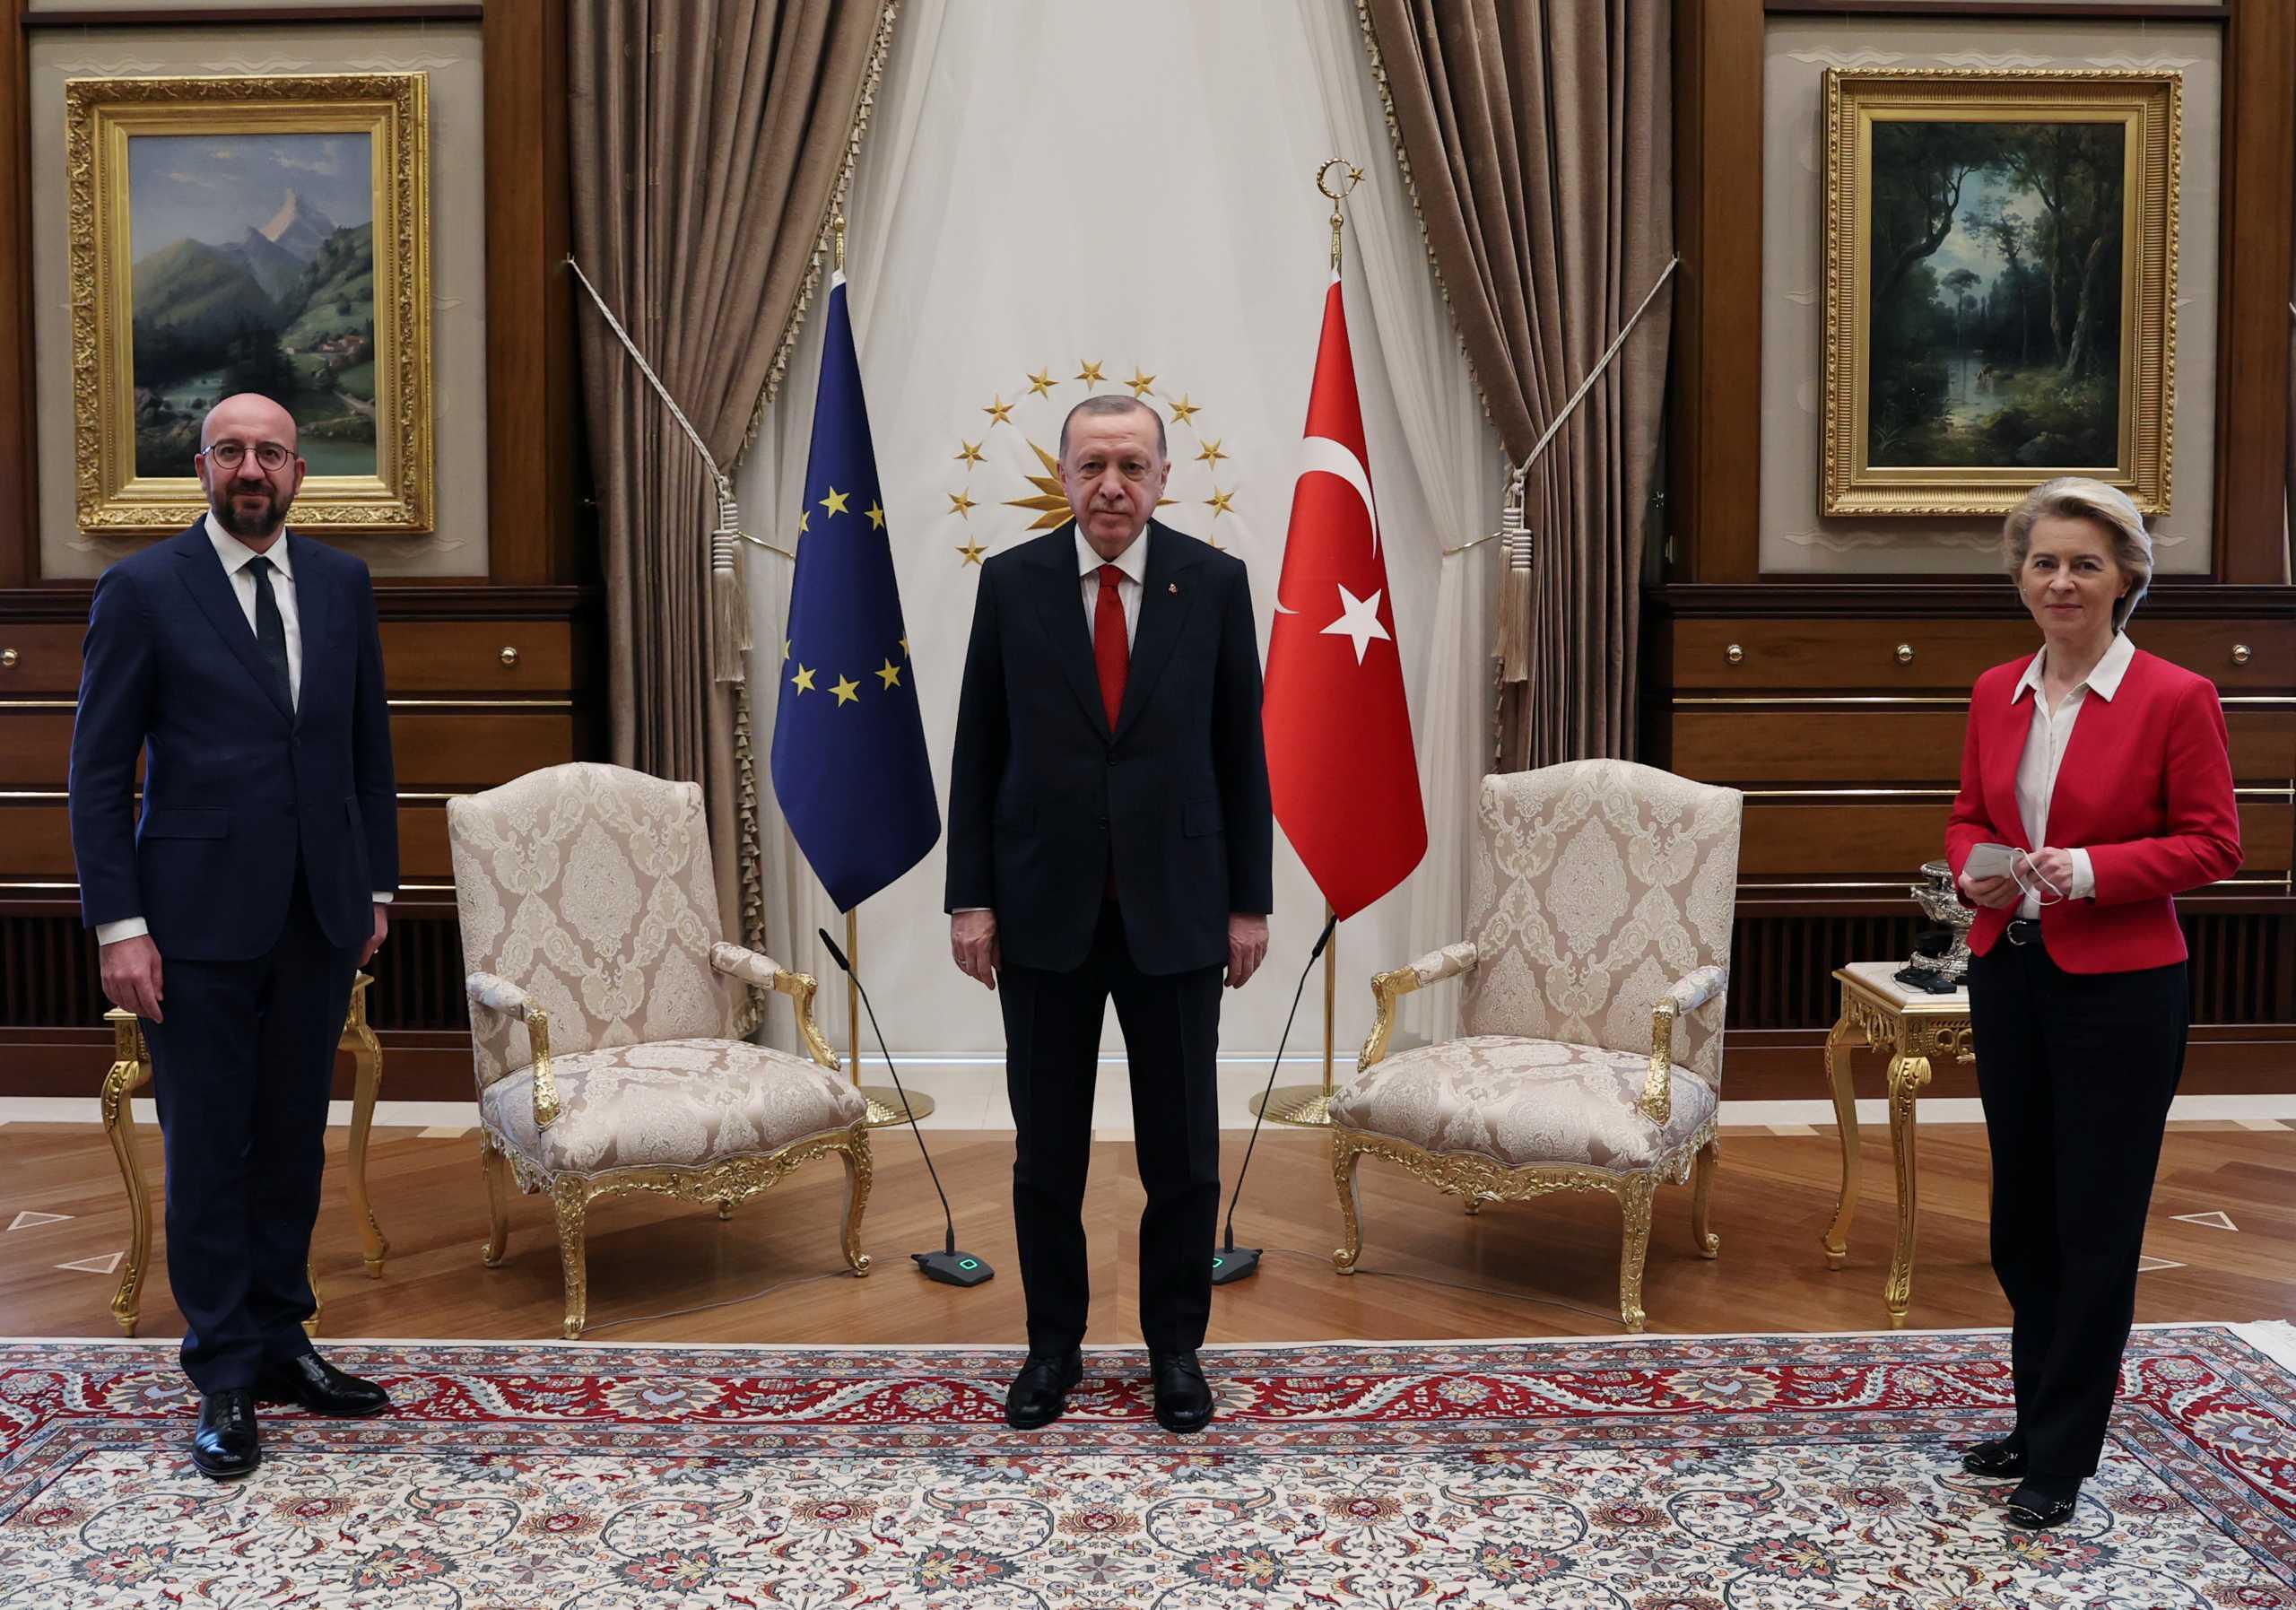 Νέο «χαστούκι» Ευρωκοινοβουλίου στην Τουρκία: Αν δεν αλλάξετε επειγόντως στάση ξεχάστε τις ενταξιακές διαπραγματεύσεις